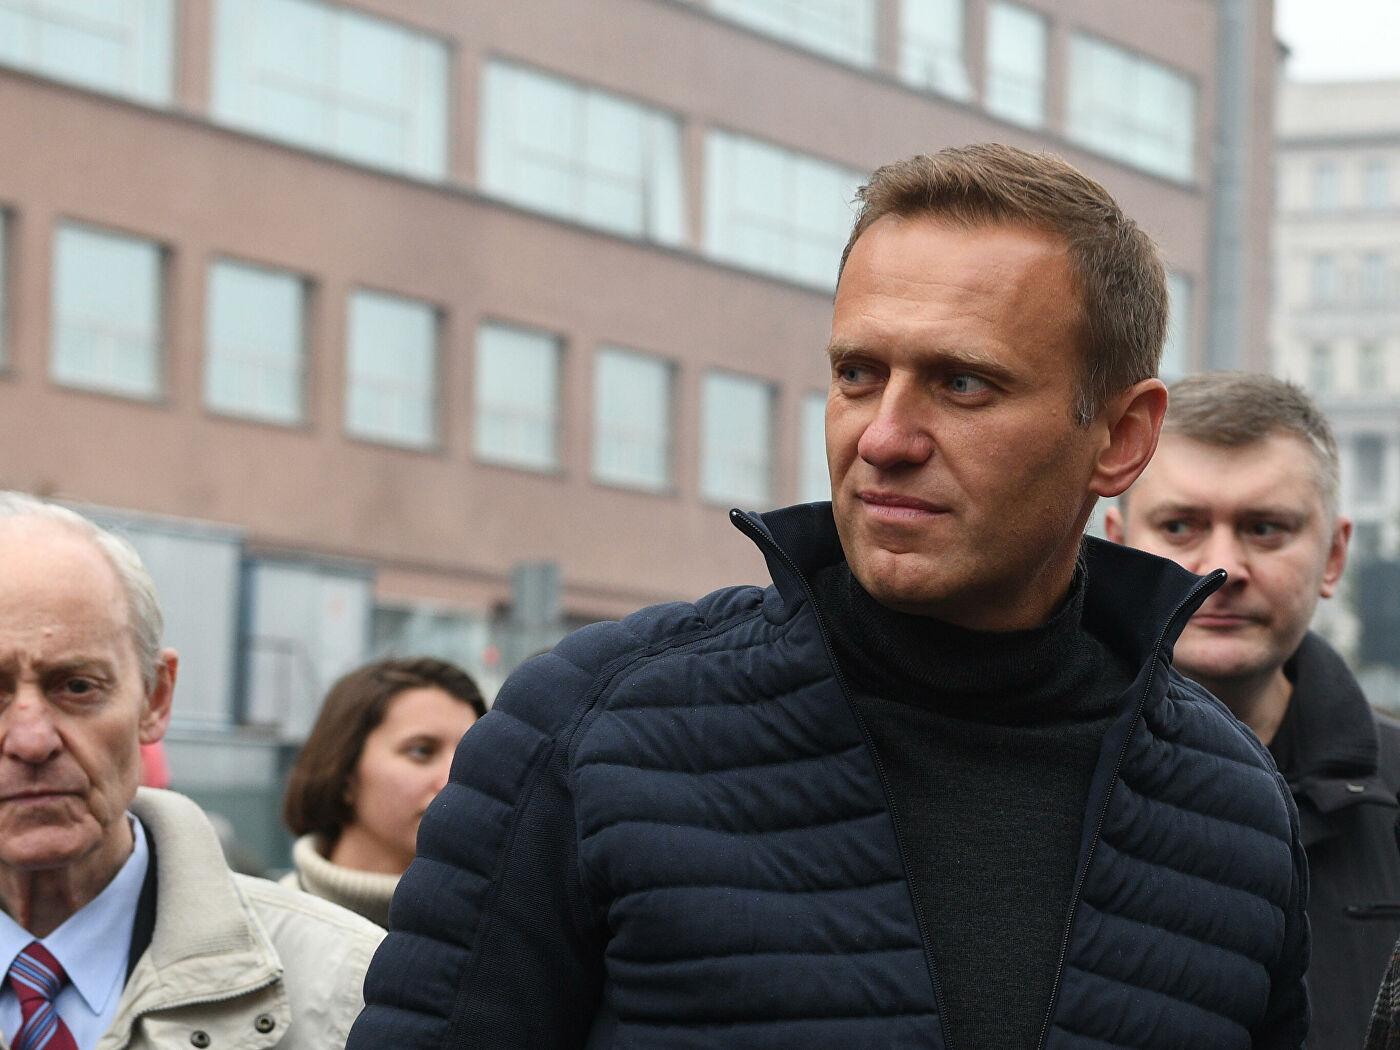 Где живет алексей навальный со своей супругой, дочерью и сыном